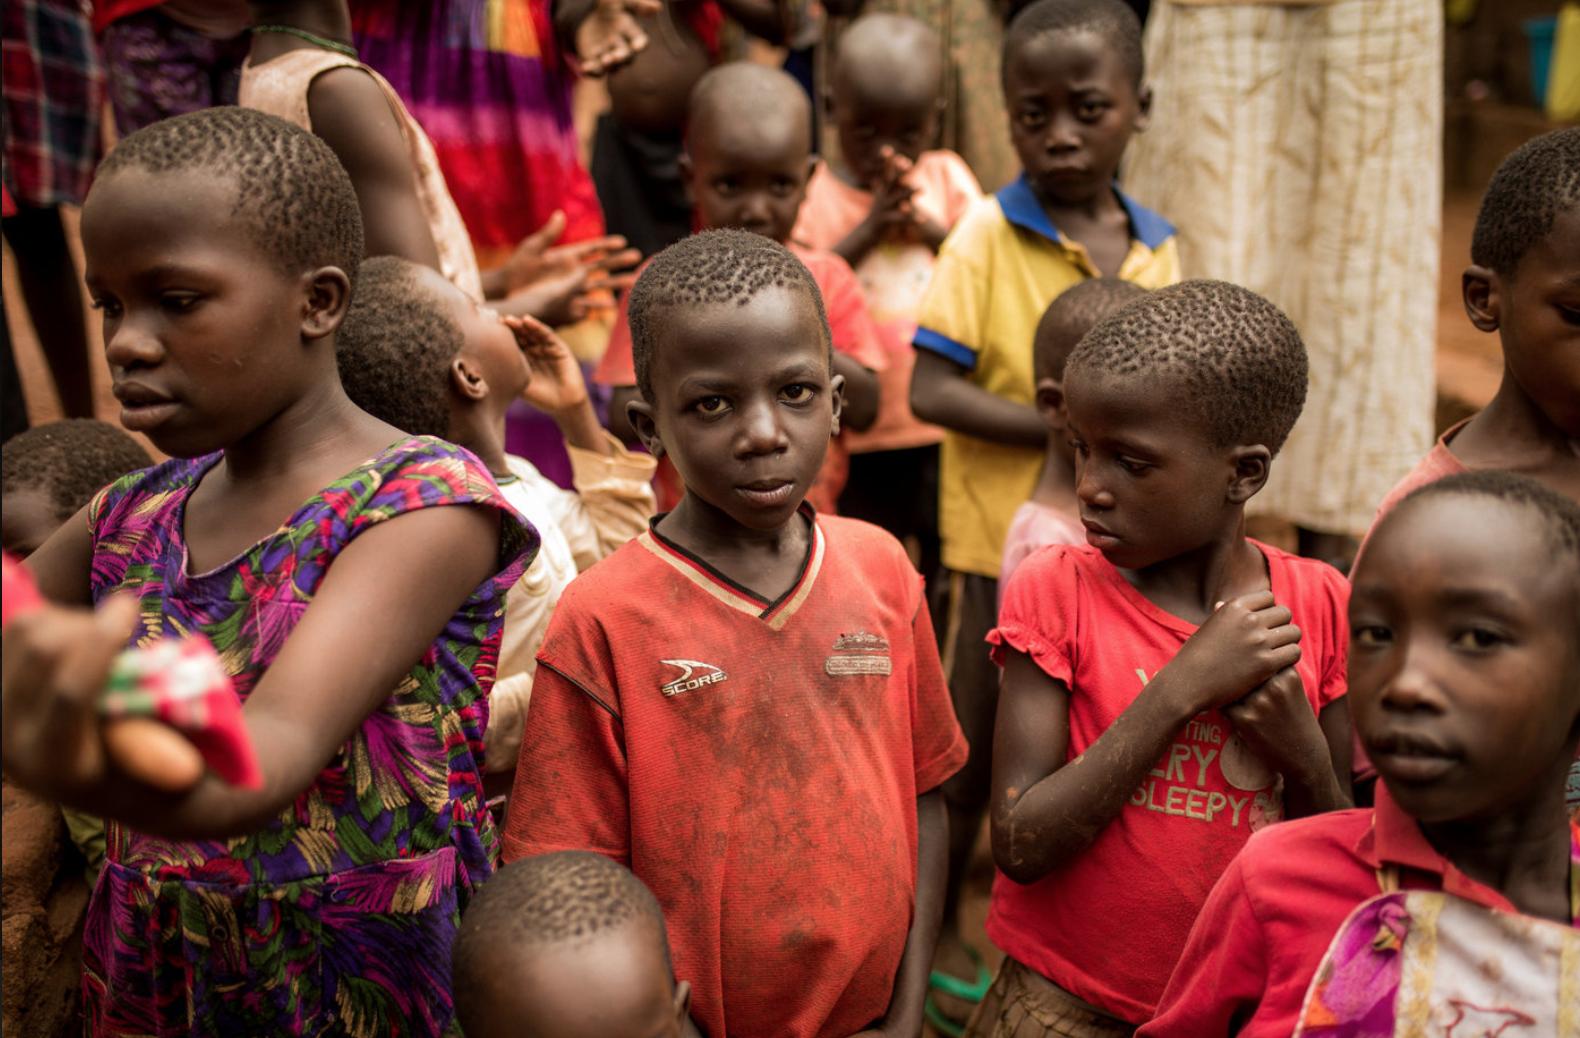 Slums Uganda